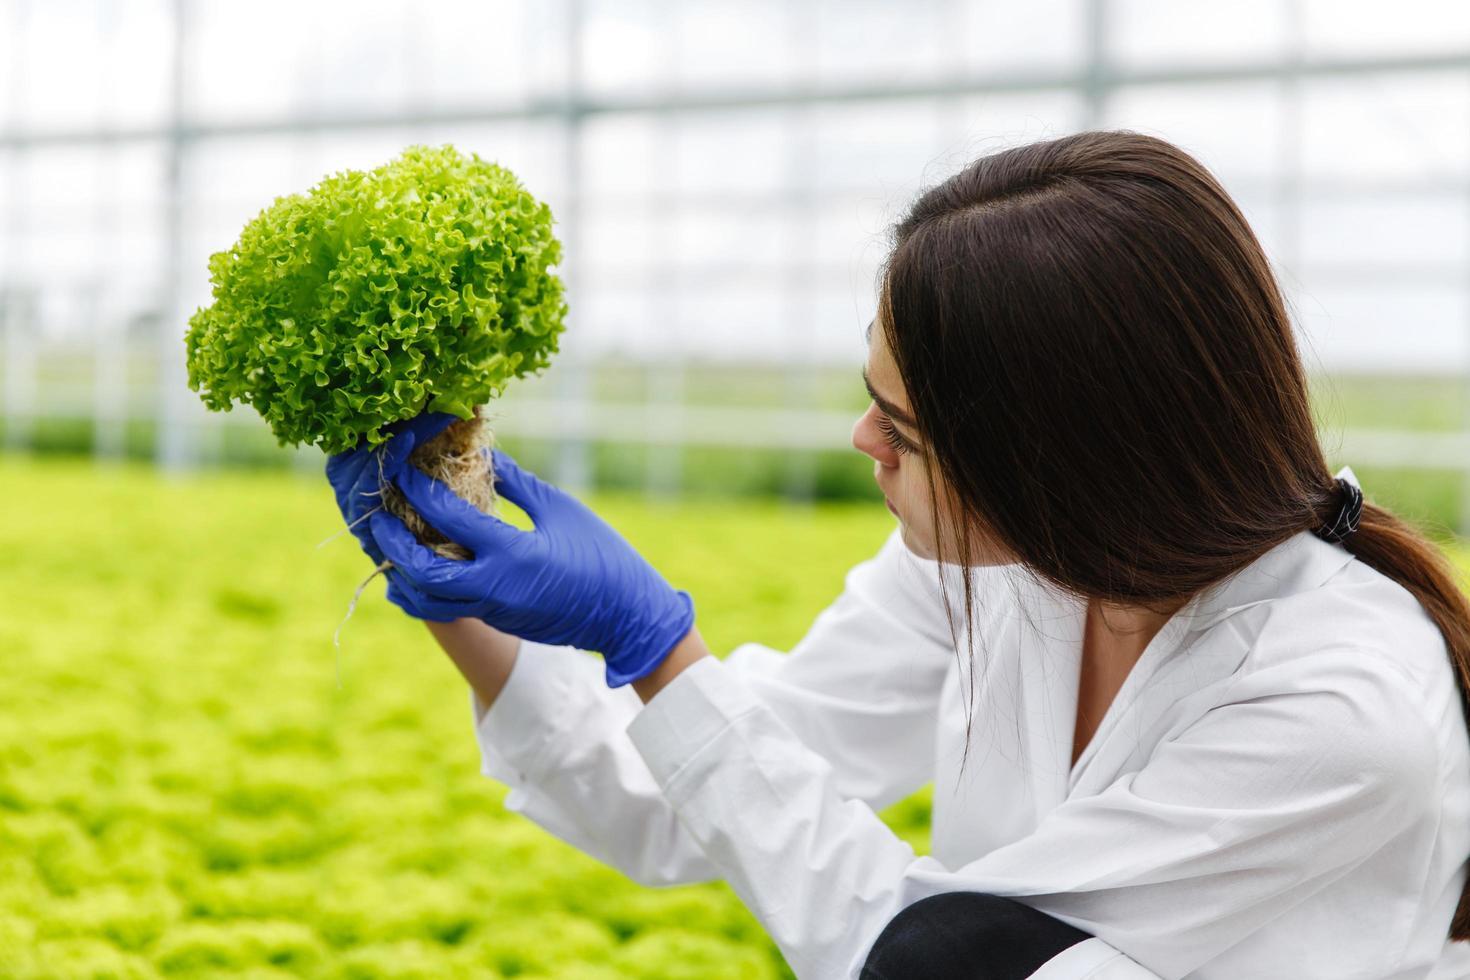 vrouw in laboratoriumjas in de serre foto